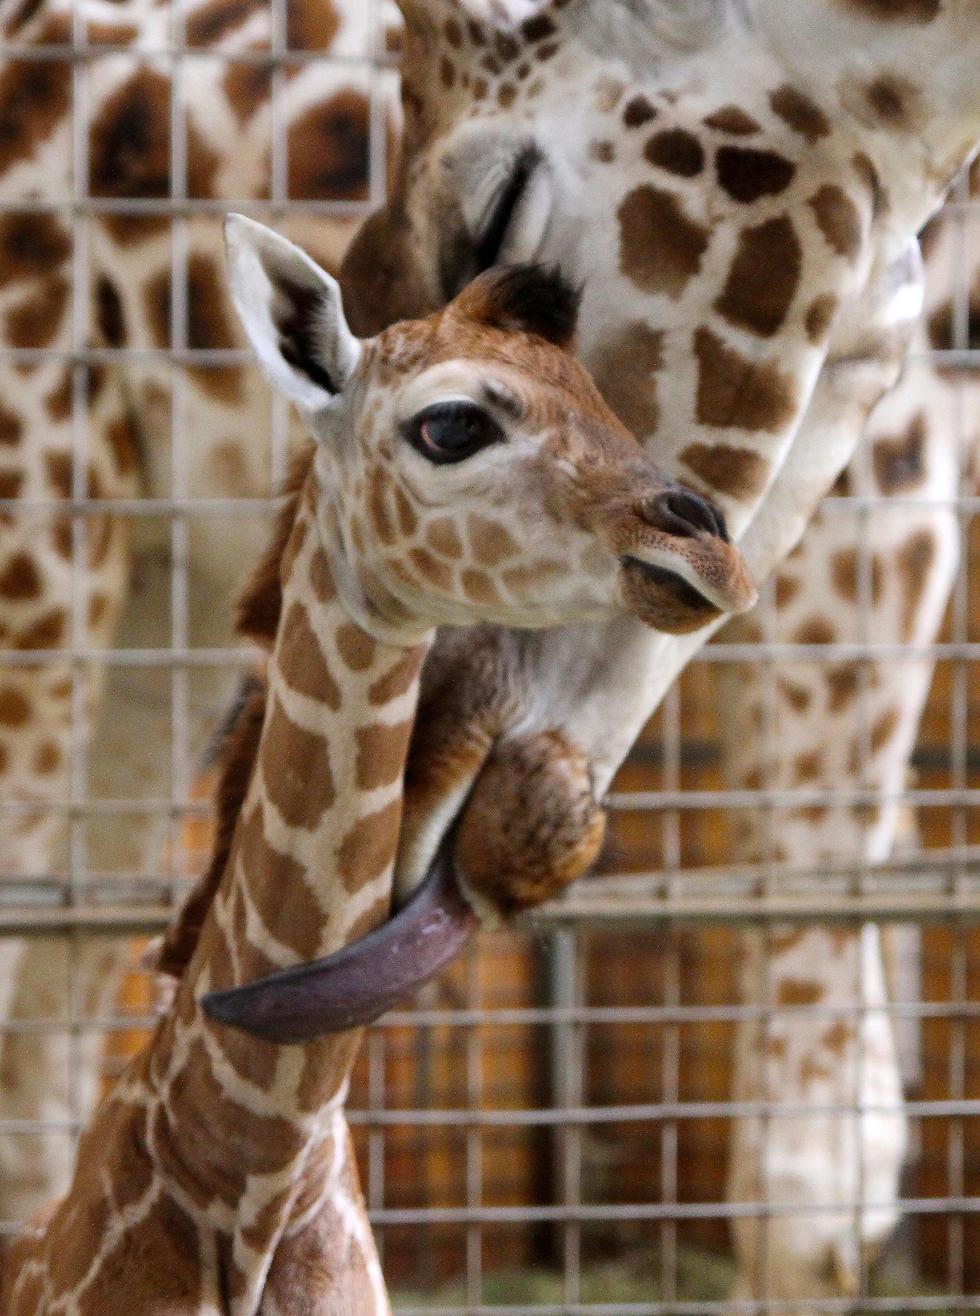 ג'ירף שזה עתה נולד עם אמו בגן חיות באופולה, פולין (צילום: EPA)